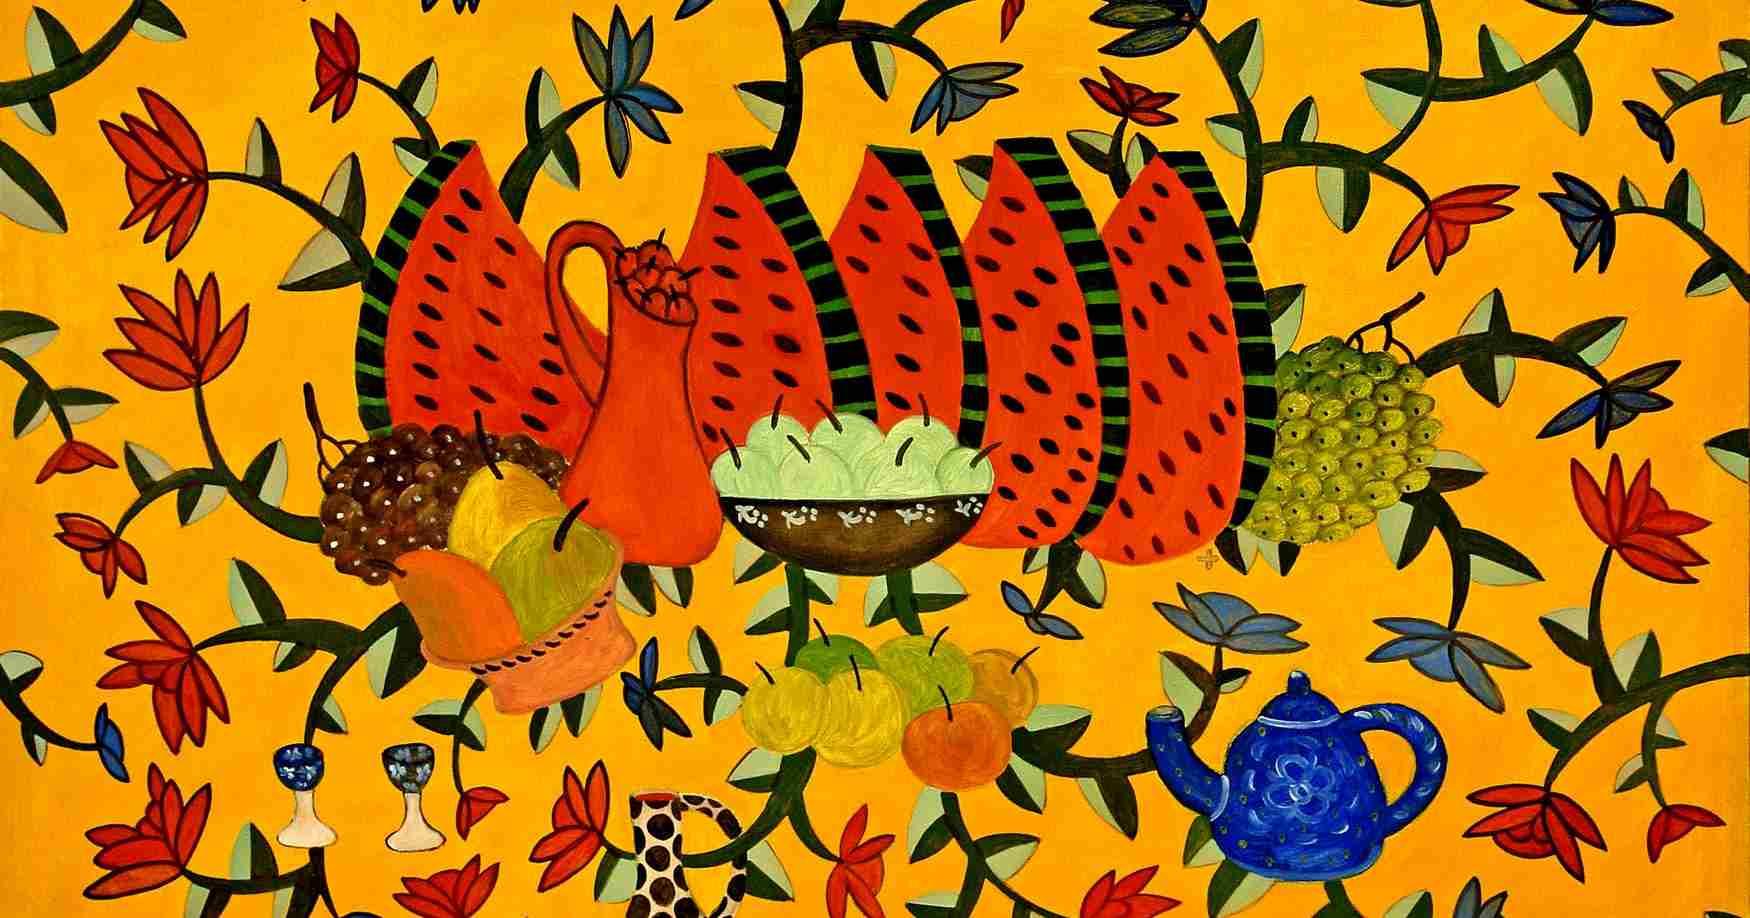 Два взгляда на рай: в художественном музее открылись выставки Люси Вороновой и Бориса Смотрова